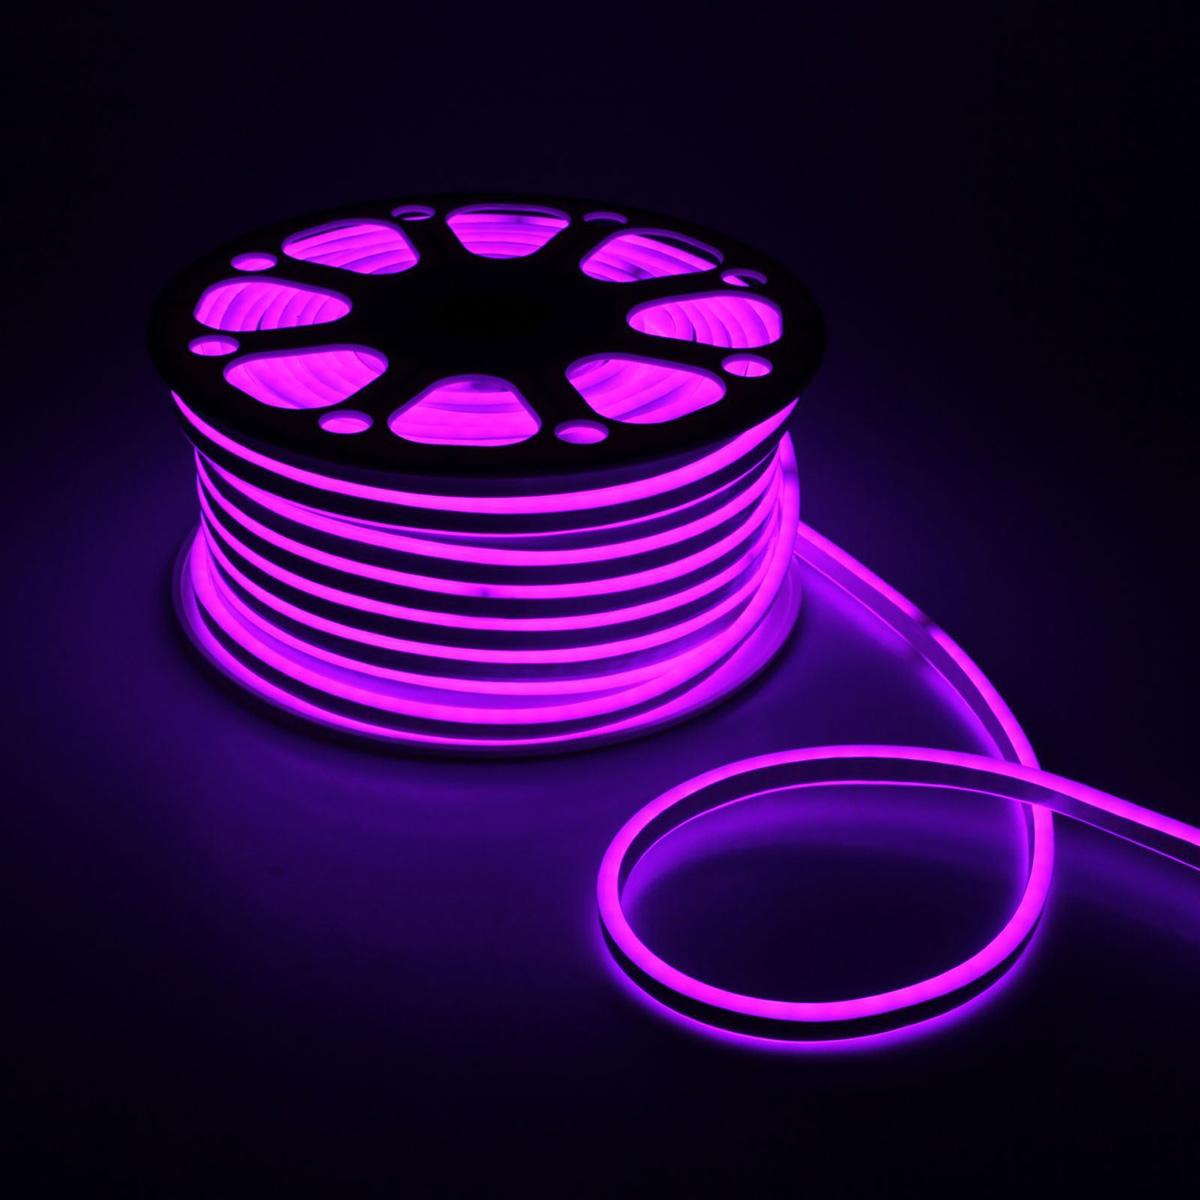 Гирлянда светодиодная Luazon, 120 ламп, 220 V, цвет: сиреневый, 0,8 см х 1,8 см х 50 м. 14312941431294Светодиодные гирлянды, ленты и т.д — это отличный вариант для новогоднего оформления интерьера или фасада. С их помощью помещение любого размера можно превратить в праздничный зал, а внешние элементы зданий, украшенные ими, мгновенно станут напоминать очертания сказочного дворца. Такие украшения создают ауру предвкушения чуда. Деревья, фасады, витрины, окна и арки будто специально созданы, чтобы вы украсили их светящимися нитями.